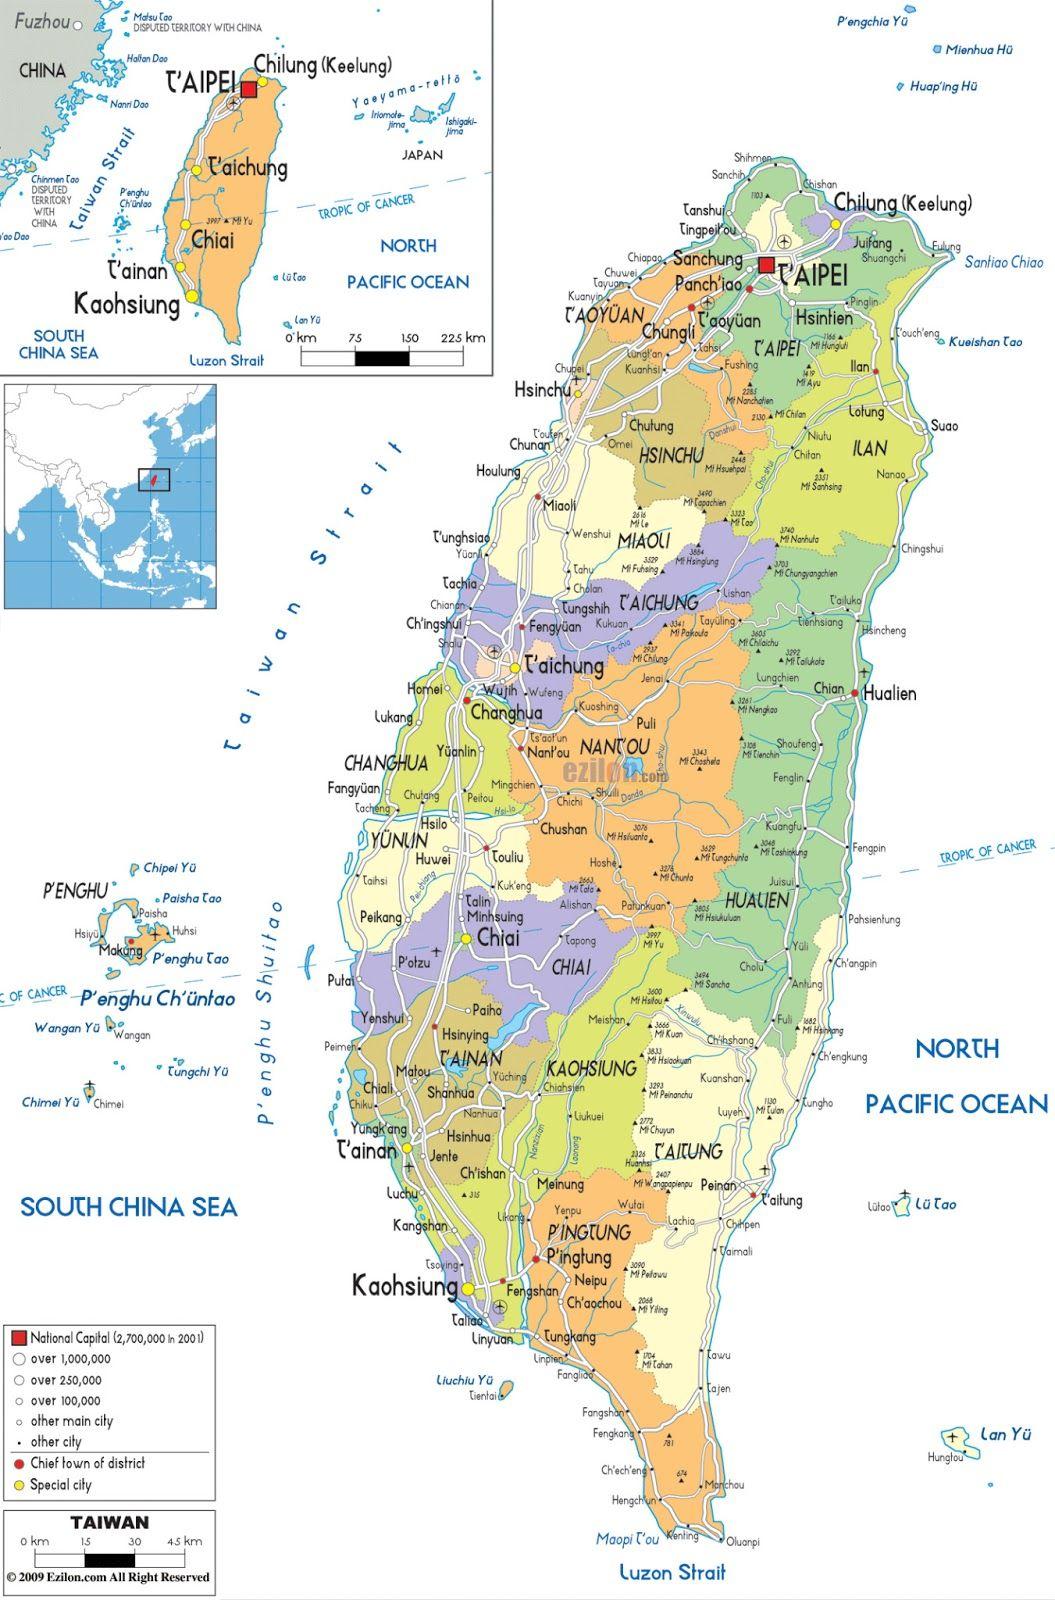 2019的taiwan Geografiske Kort Over Taiwan Dansk Encyklopaedi 打印